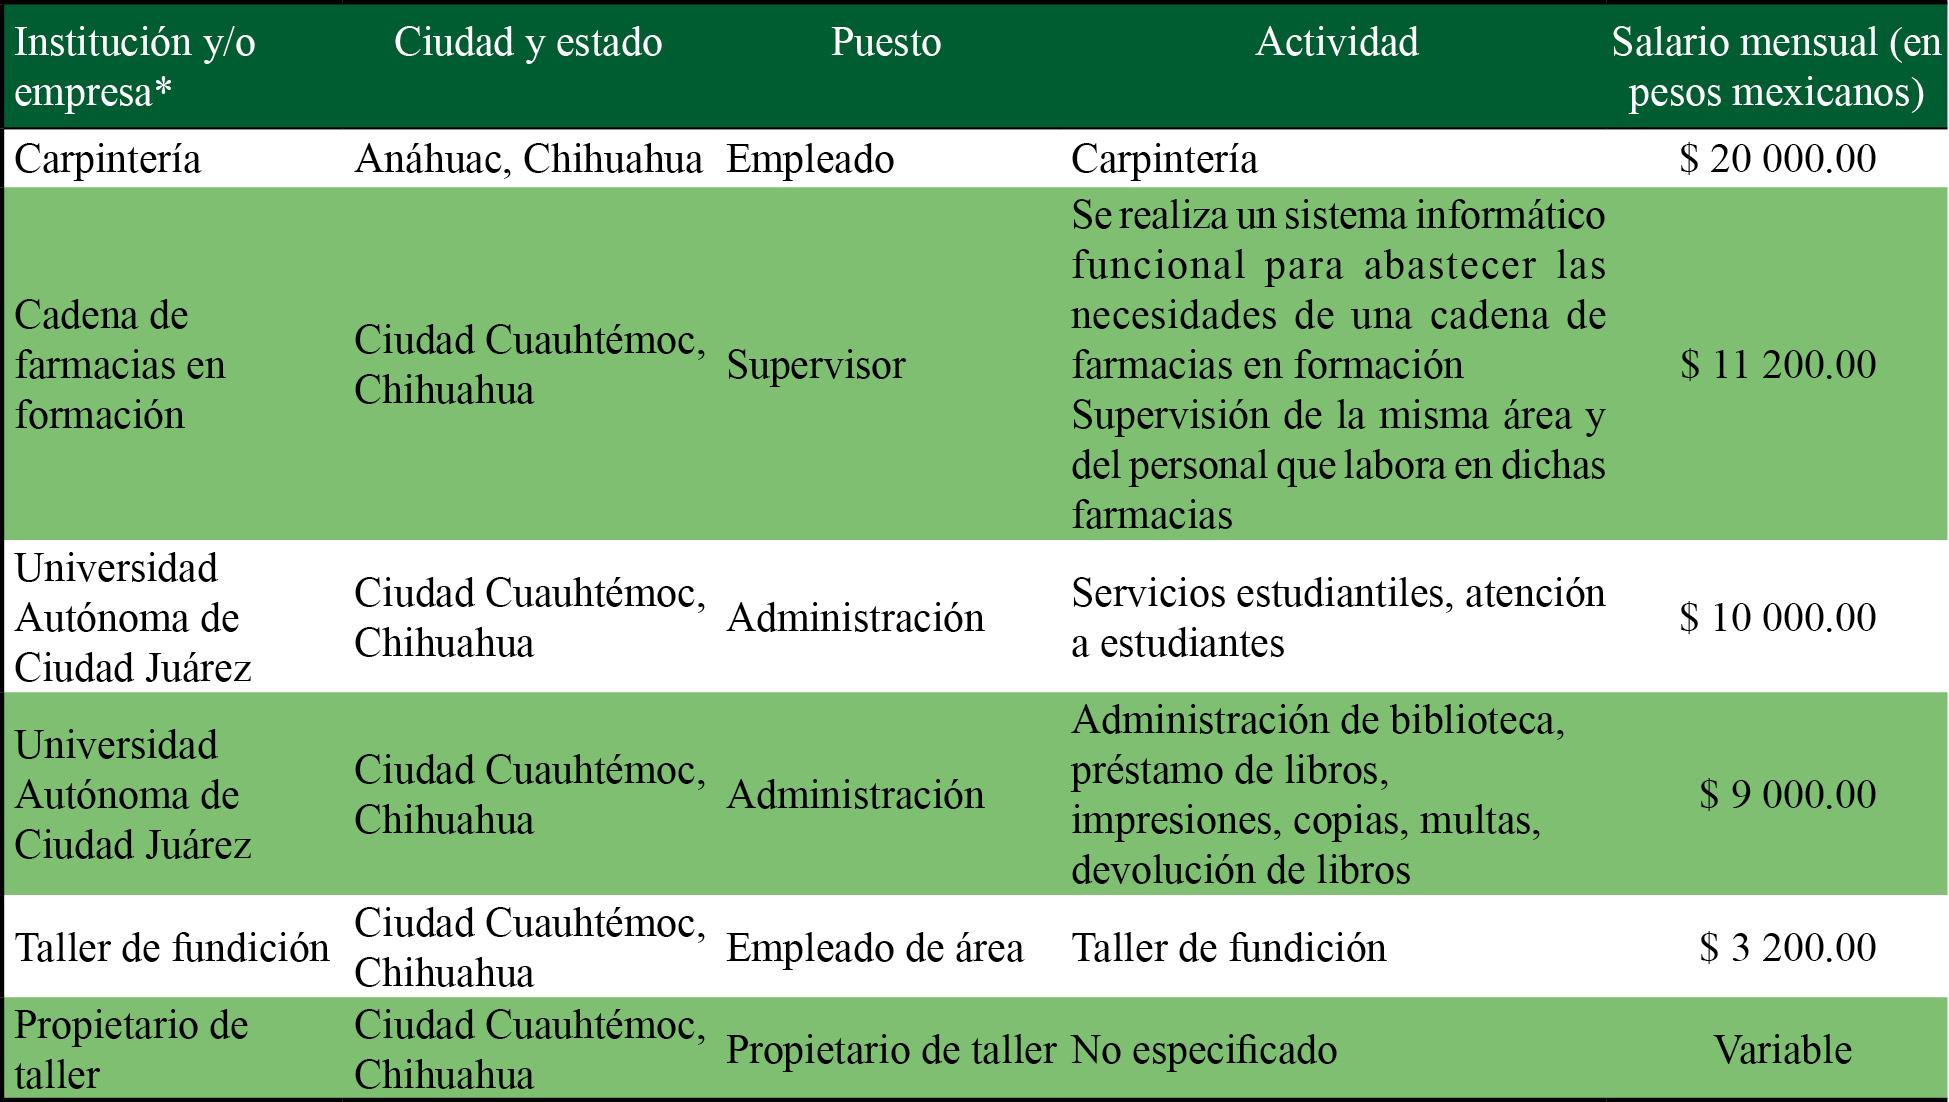 Características laborales de egresados que trabajan en otras áreas diferentes a la geoinformática, 2017